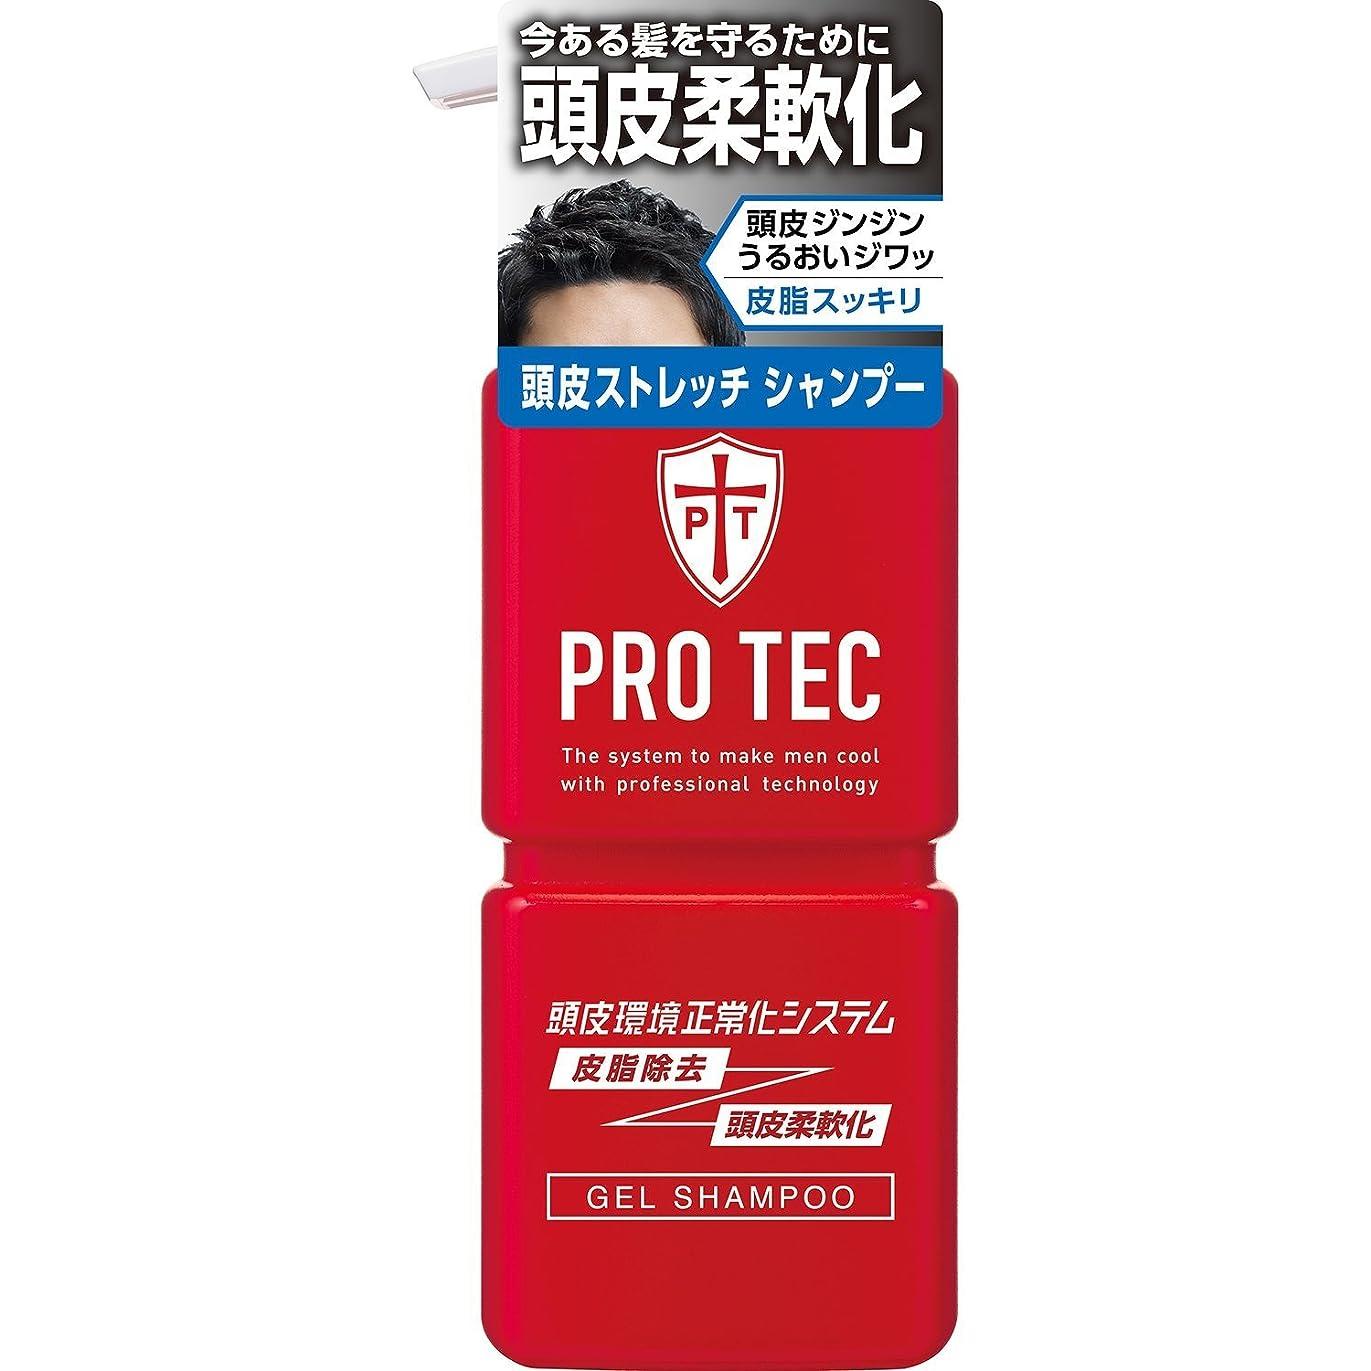 放棄重量作成するPRO TEC(プロテク) 頭皮ストレッチ シャンプー 本体ポンプ 300g(医薬部外品)